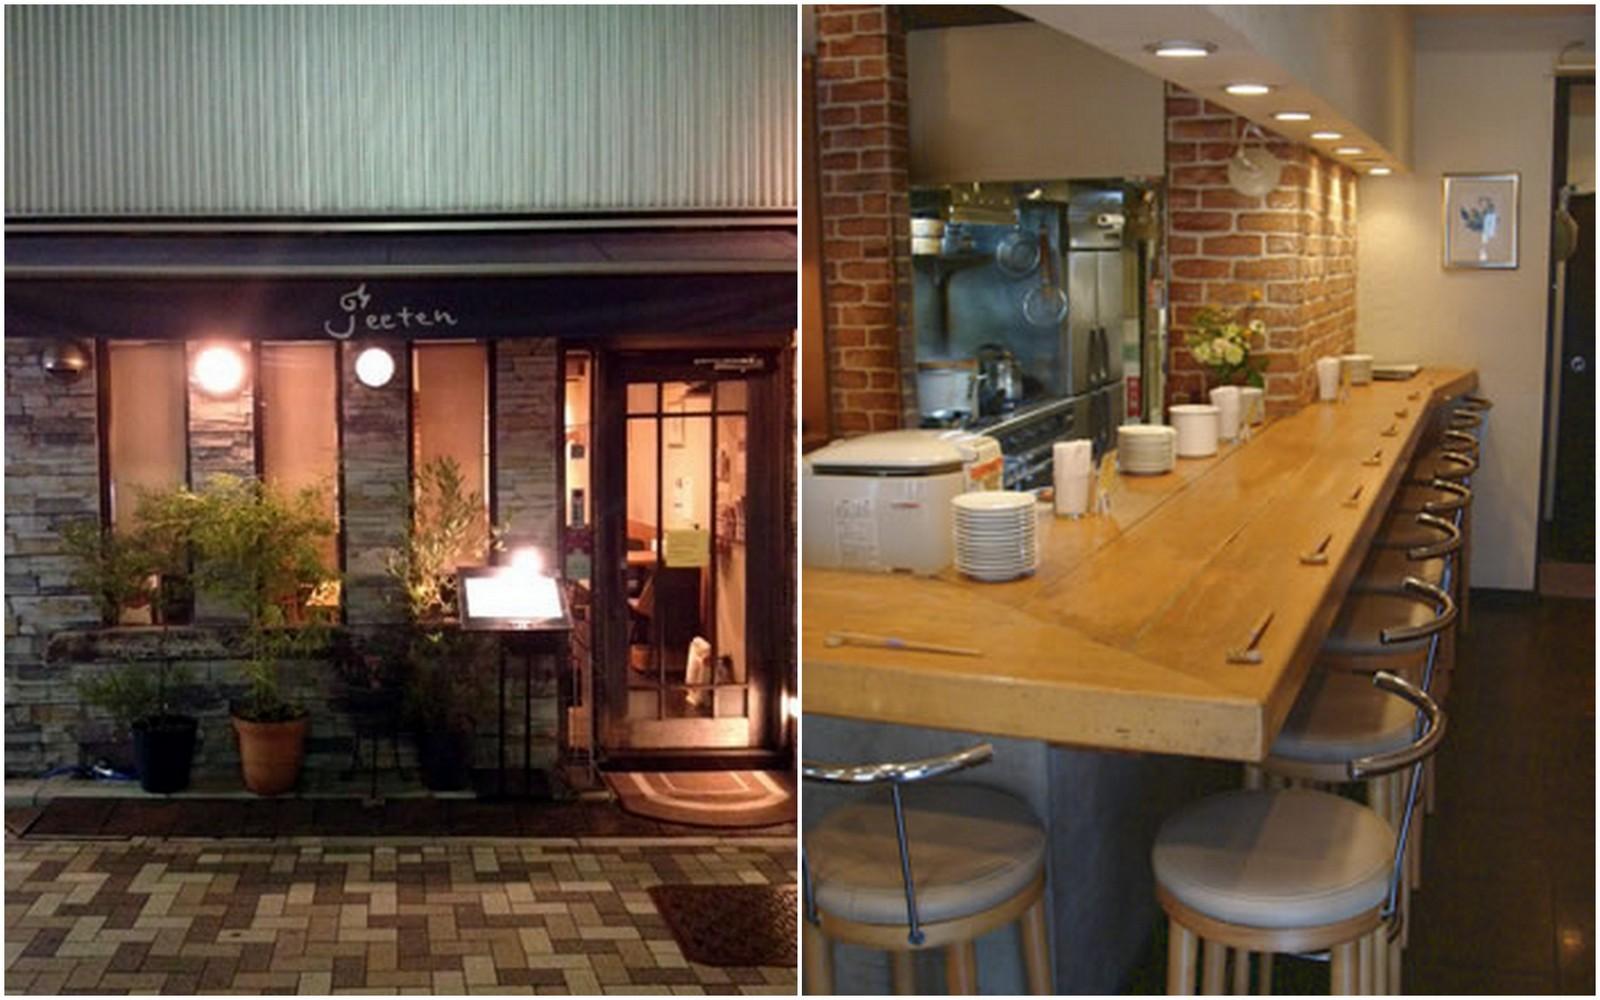 代々木上原の中華料理店「ジーテン」の店内外の写真